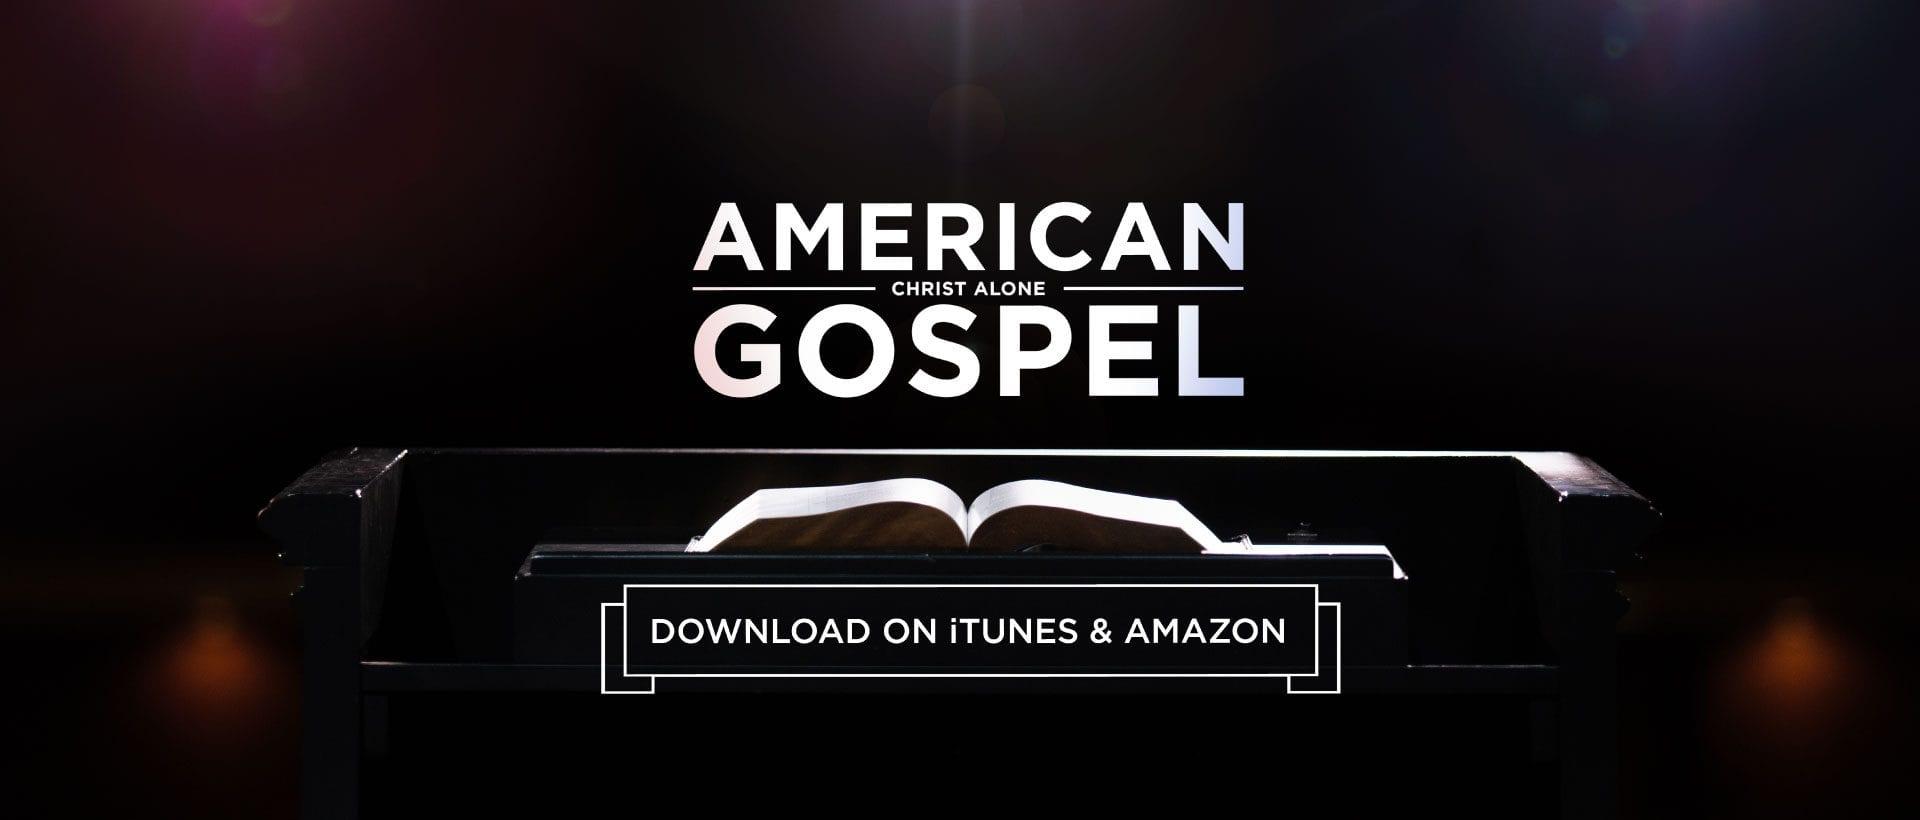 American Gospel' Blows a Hole in the Prosperity Gospel